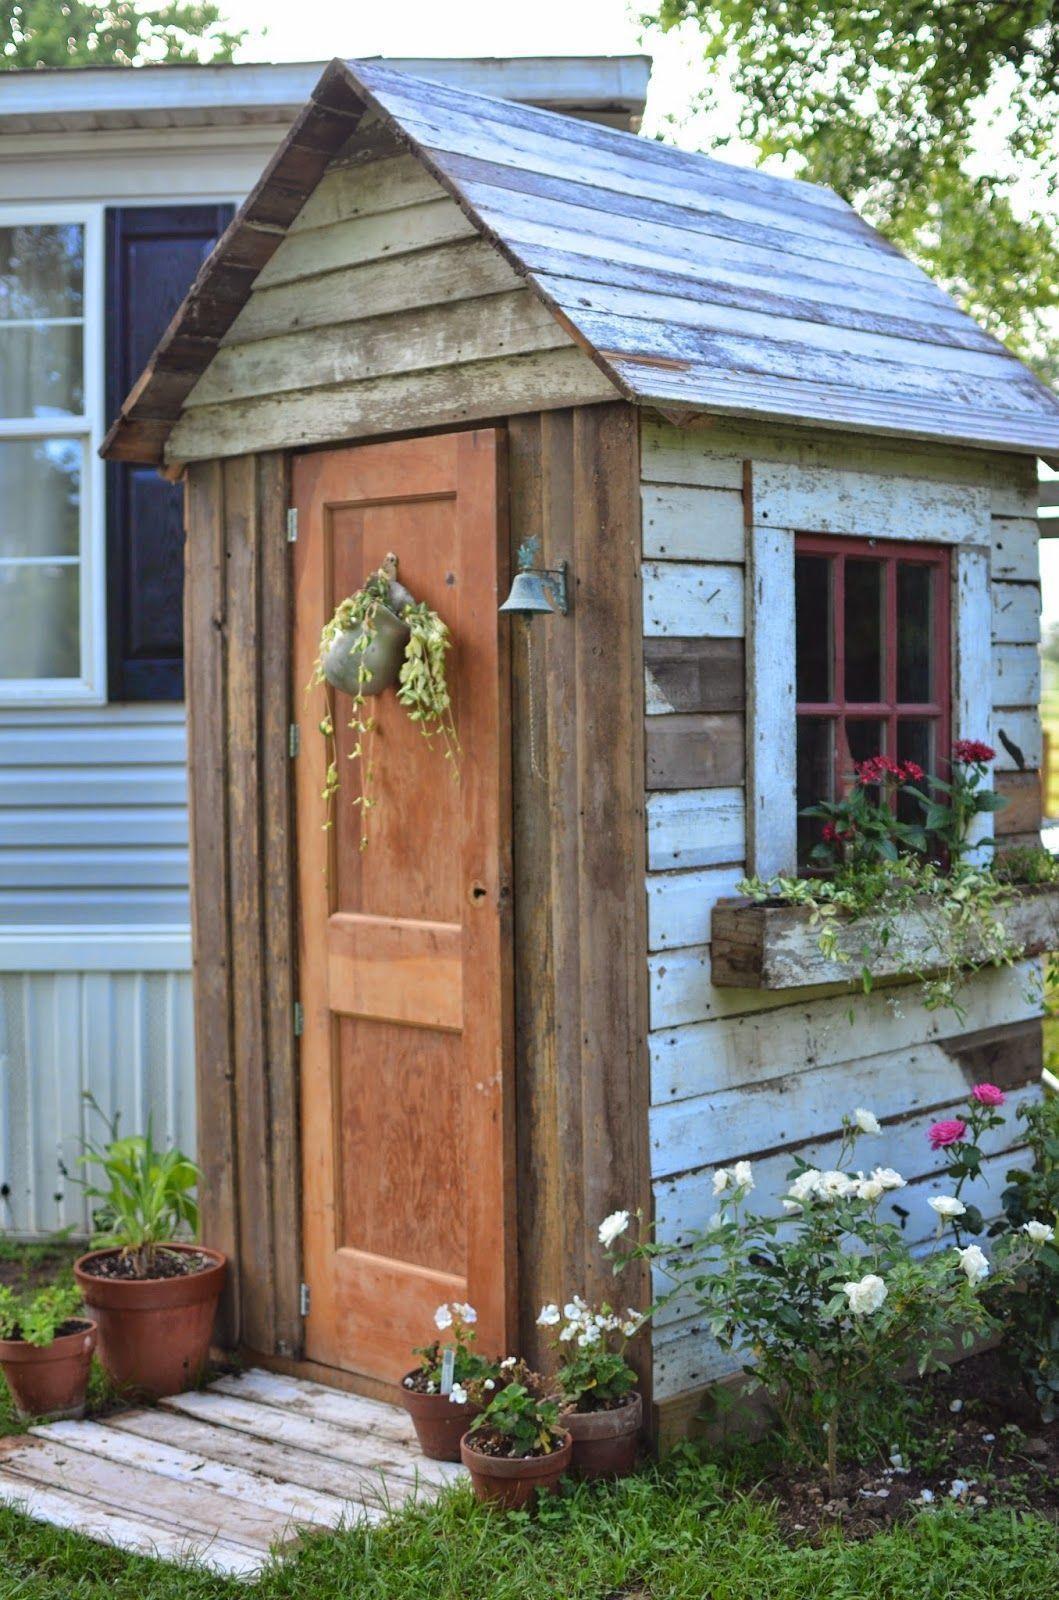 10 Garden Shed Ideas Pinterest Most Brilliant And Also Gorgeous Garden Shed Diy Garden Storage Shed Small Garden Shed Backyard garden shed ideas